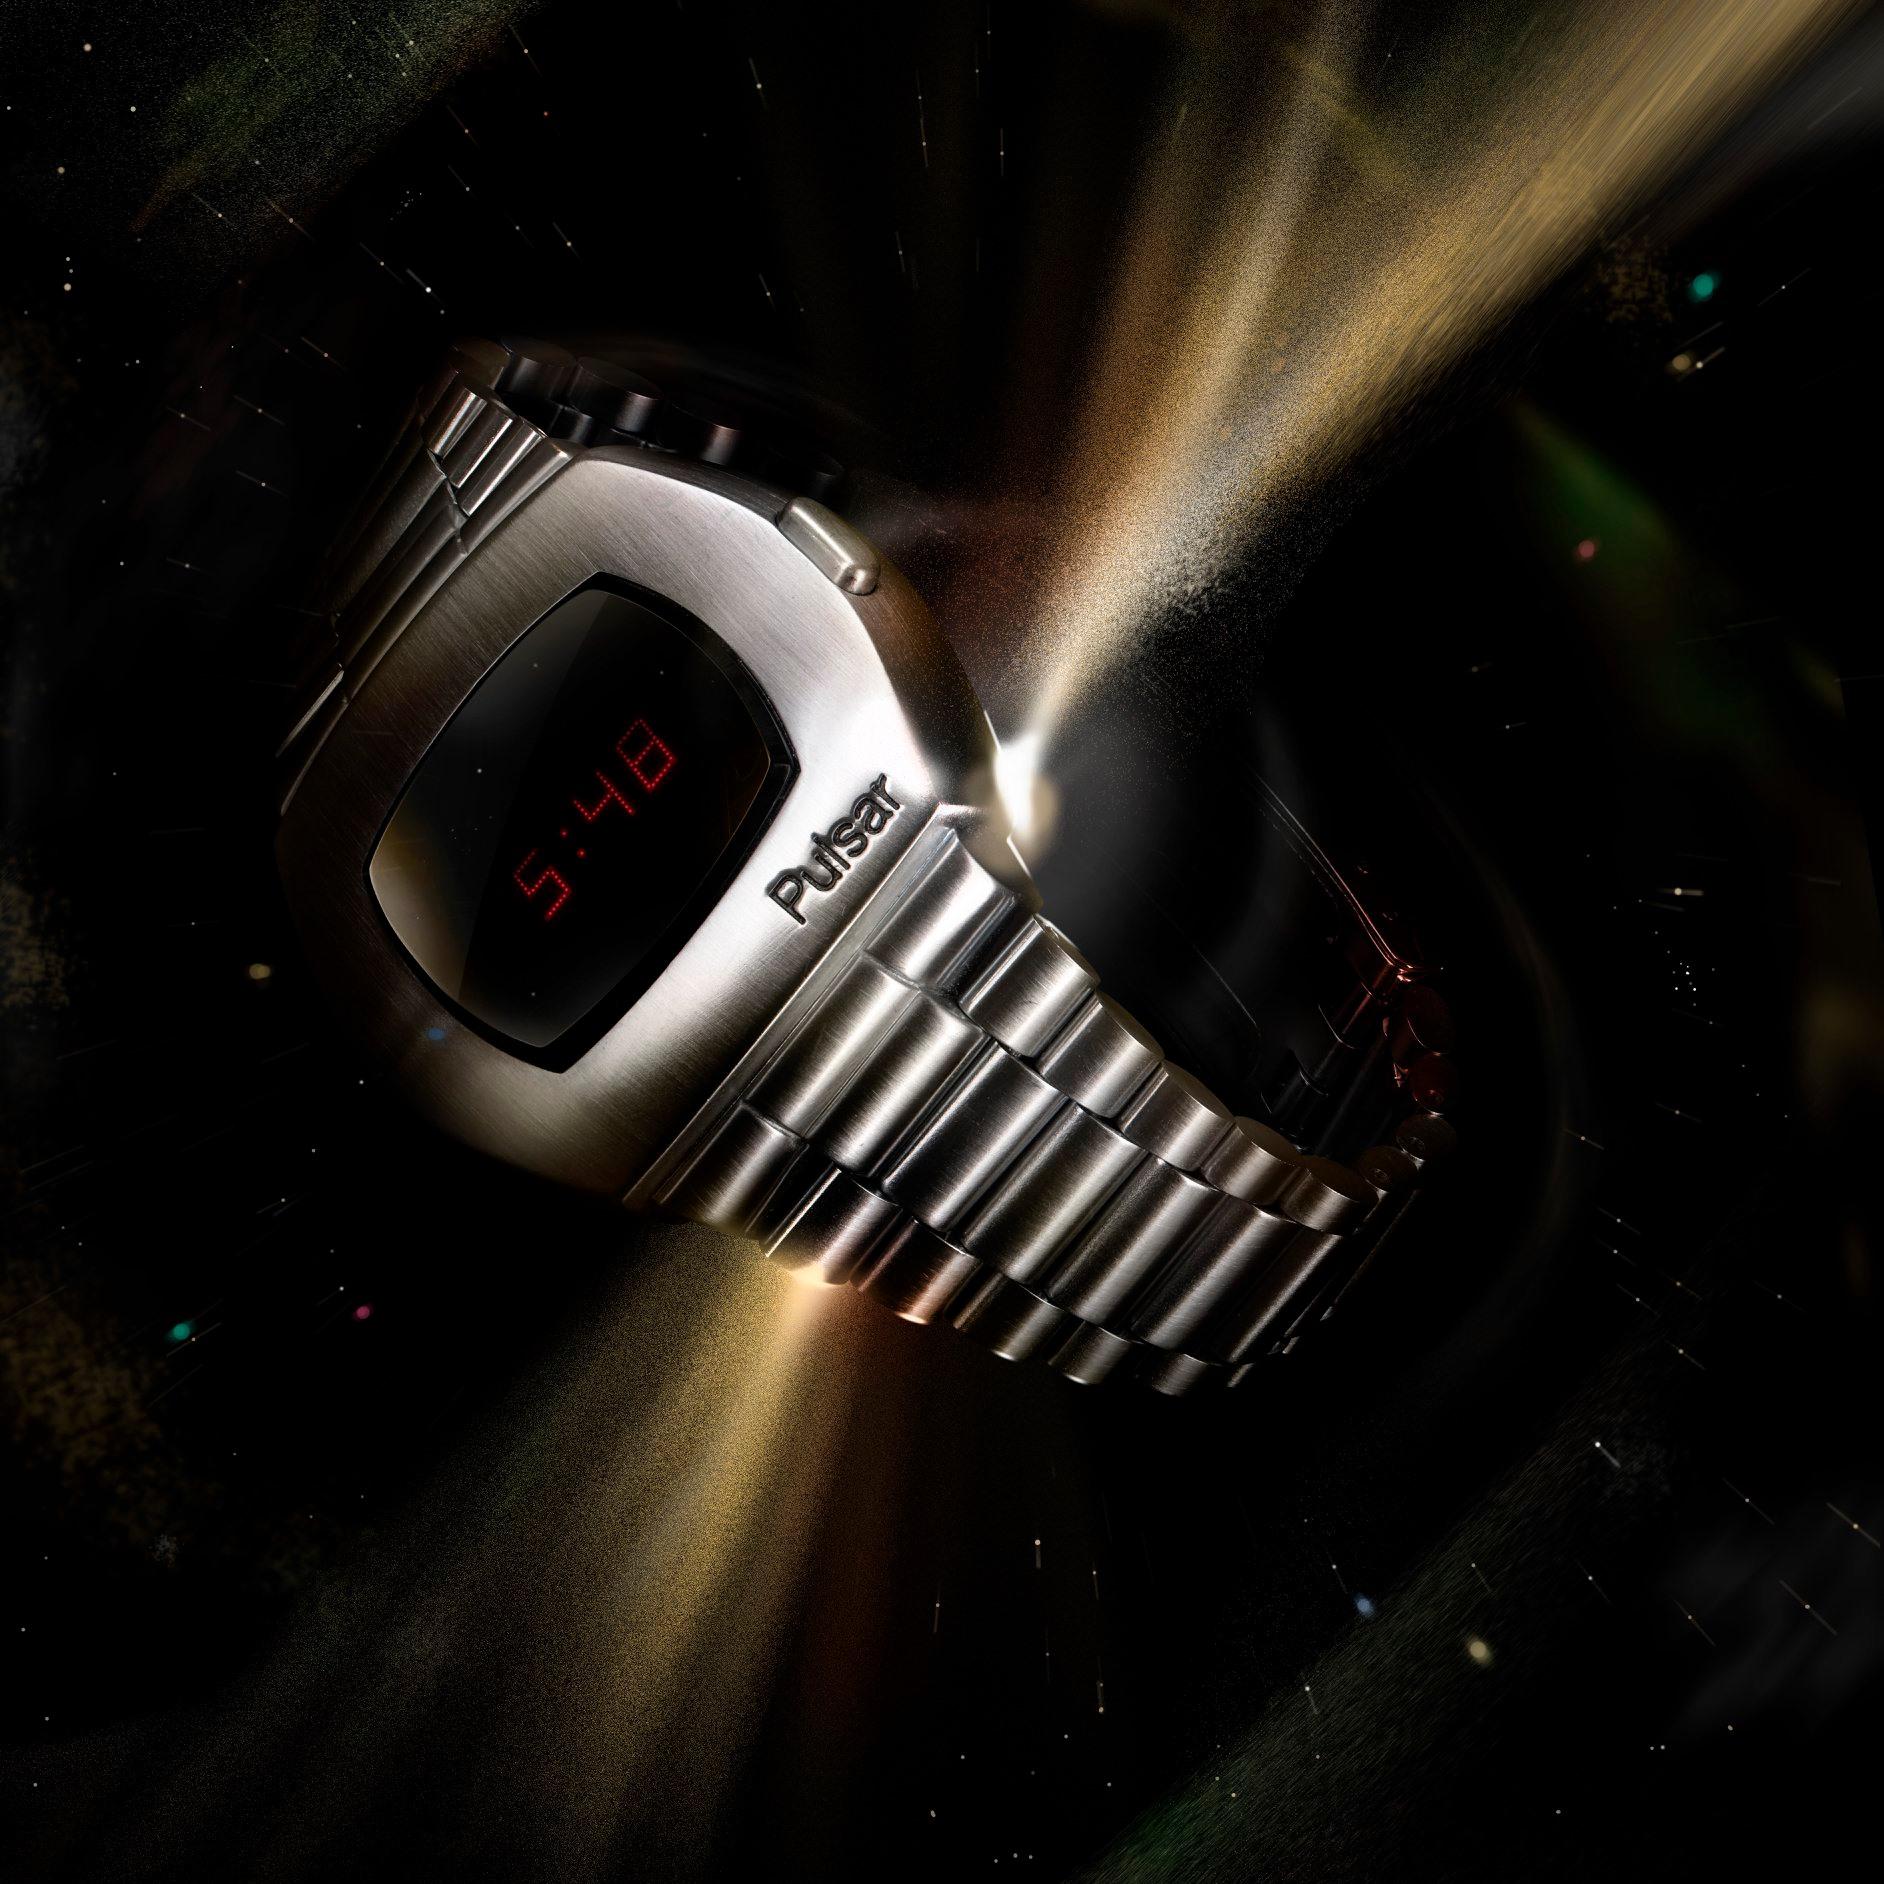 Hamilton Pulsar 1972-acero-